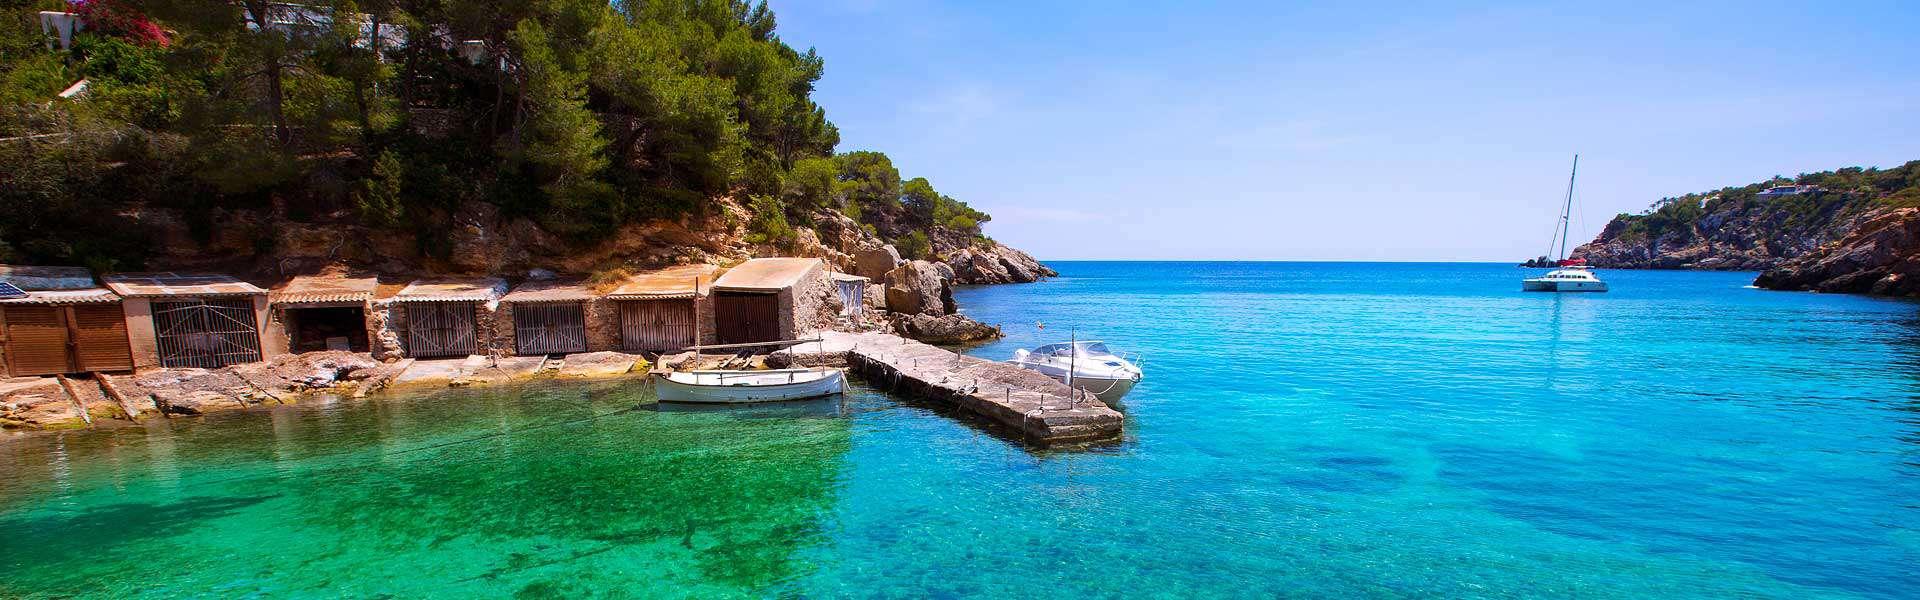 Der Geheimtipp: Santa Eulalia del Rio - Traveltipps auf der Insel Ibiza